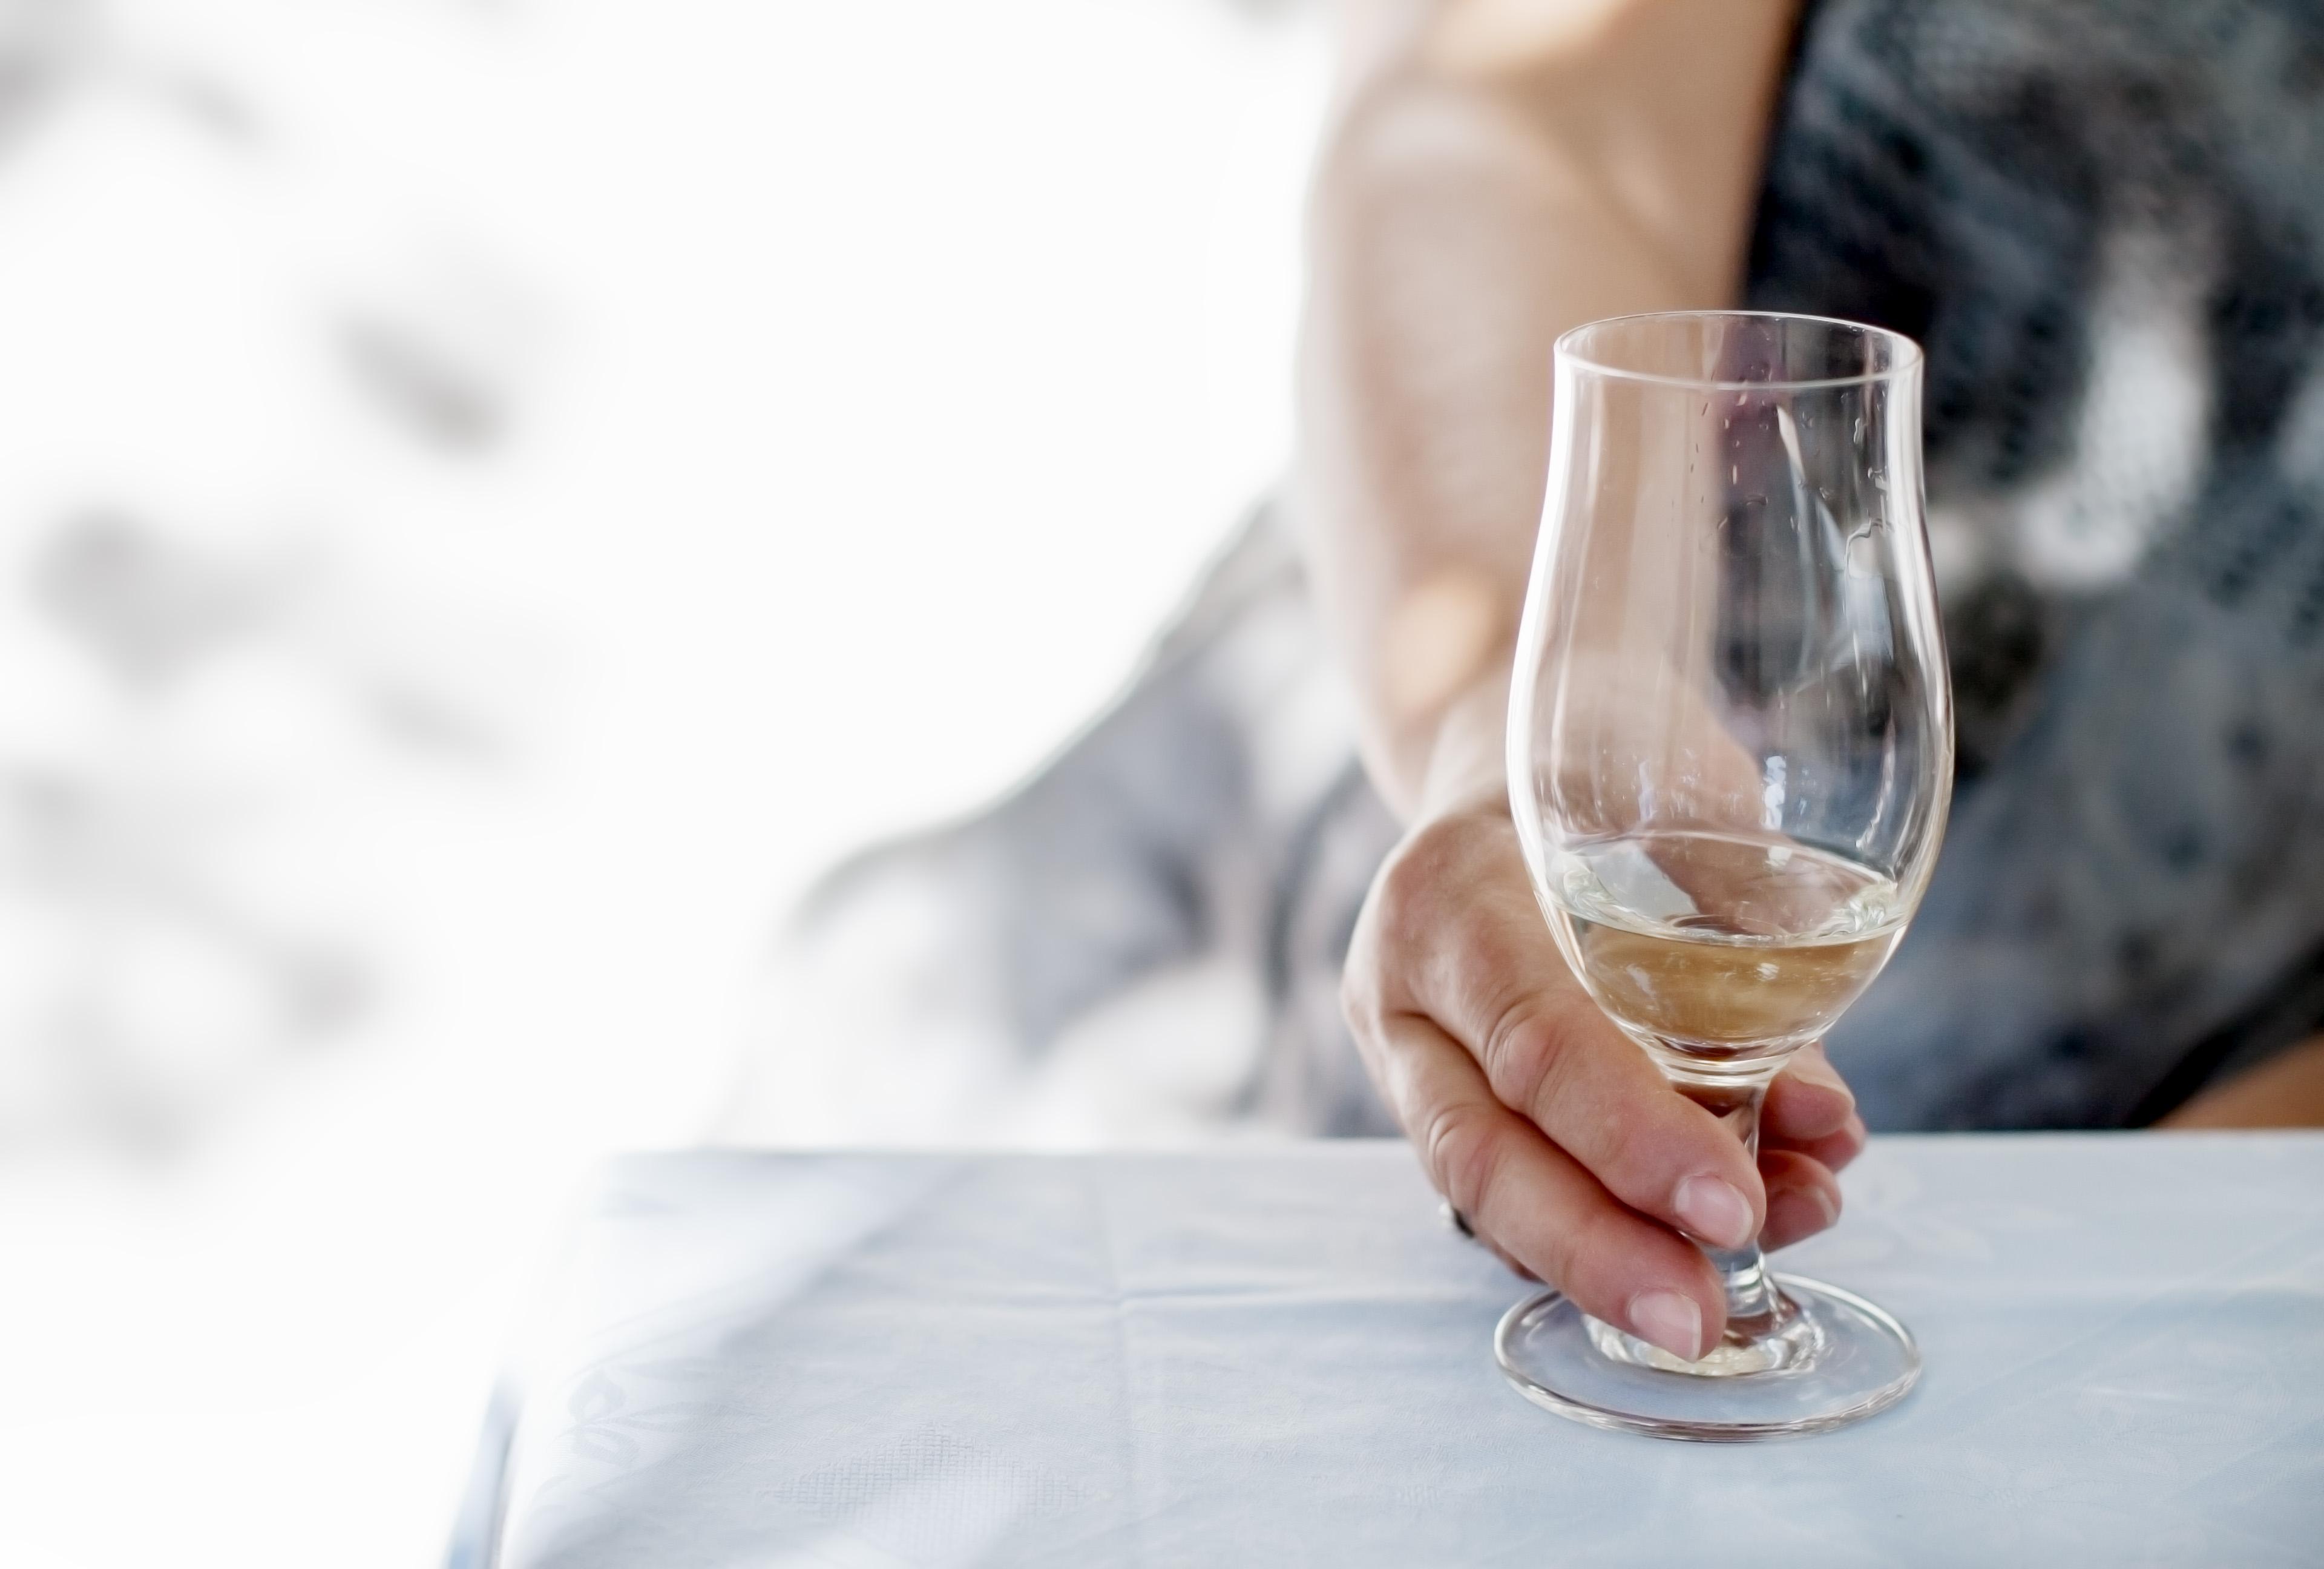 El 75% de las muertes por cáncer de cabeza y cuello están ligadas al consumo de tabaco y alcohol